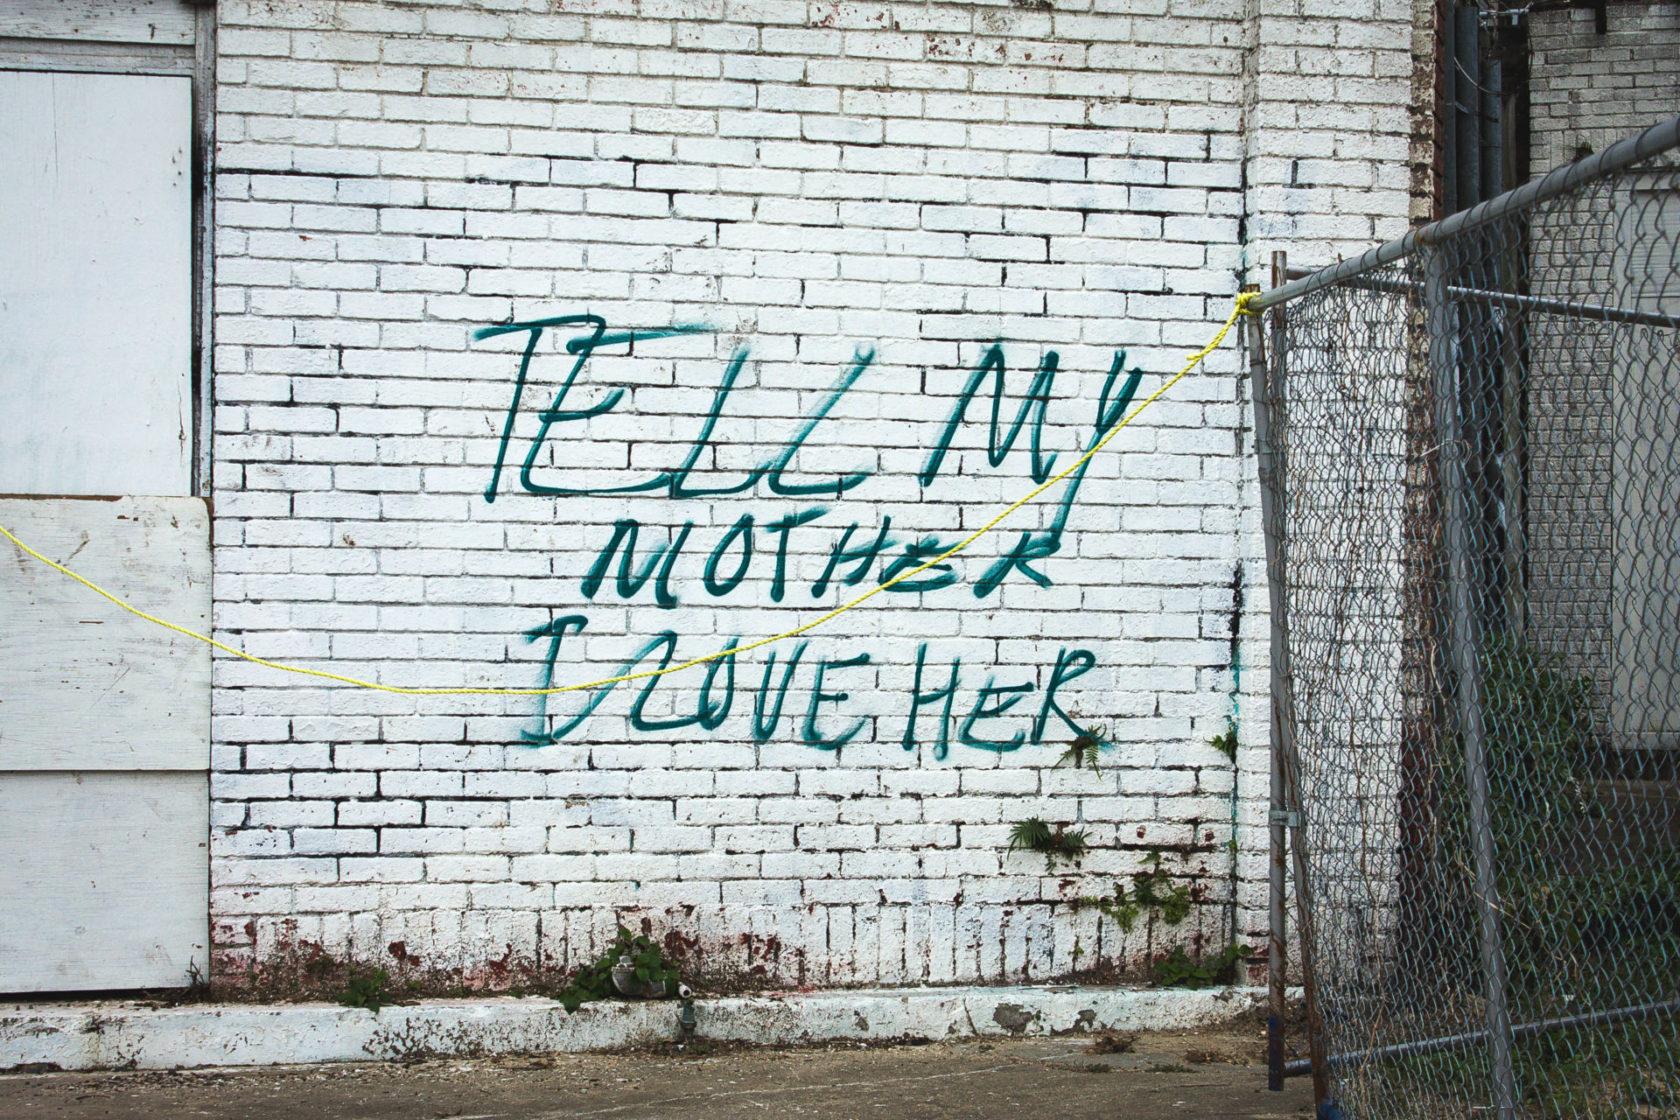 nola graffiti